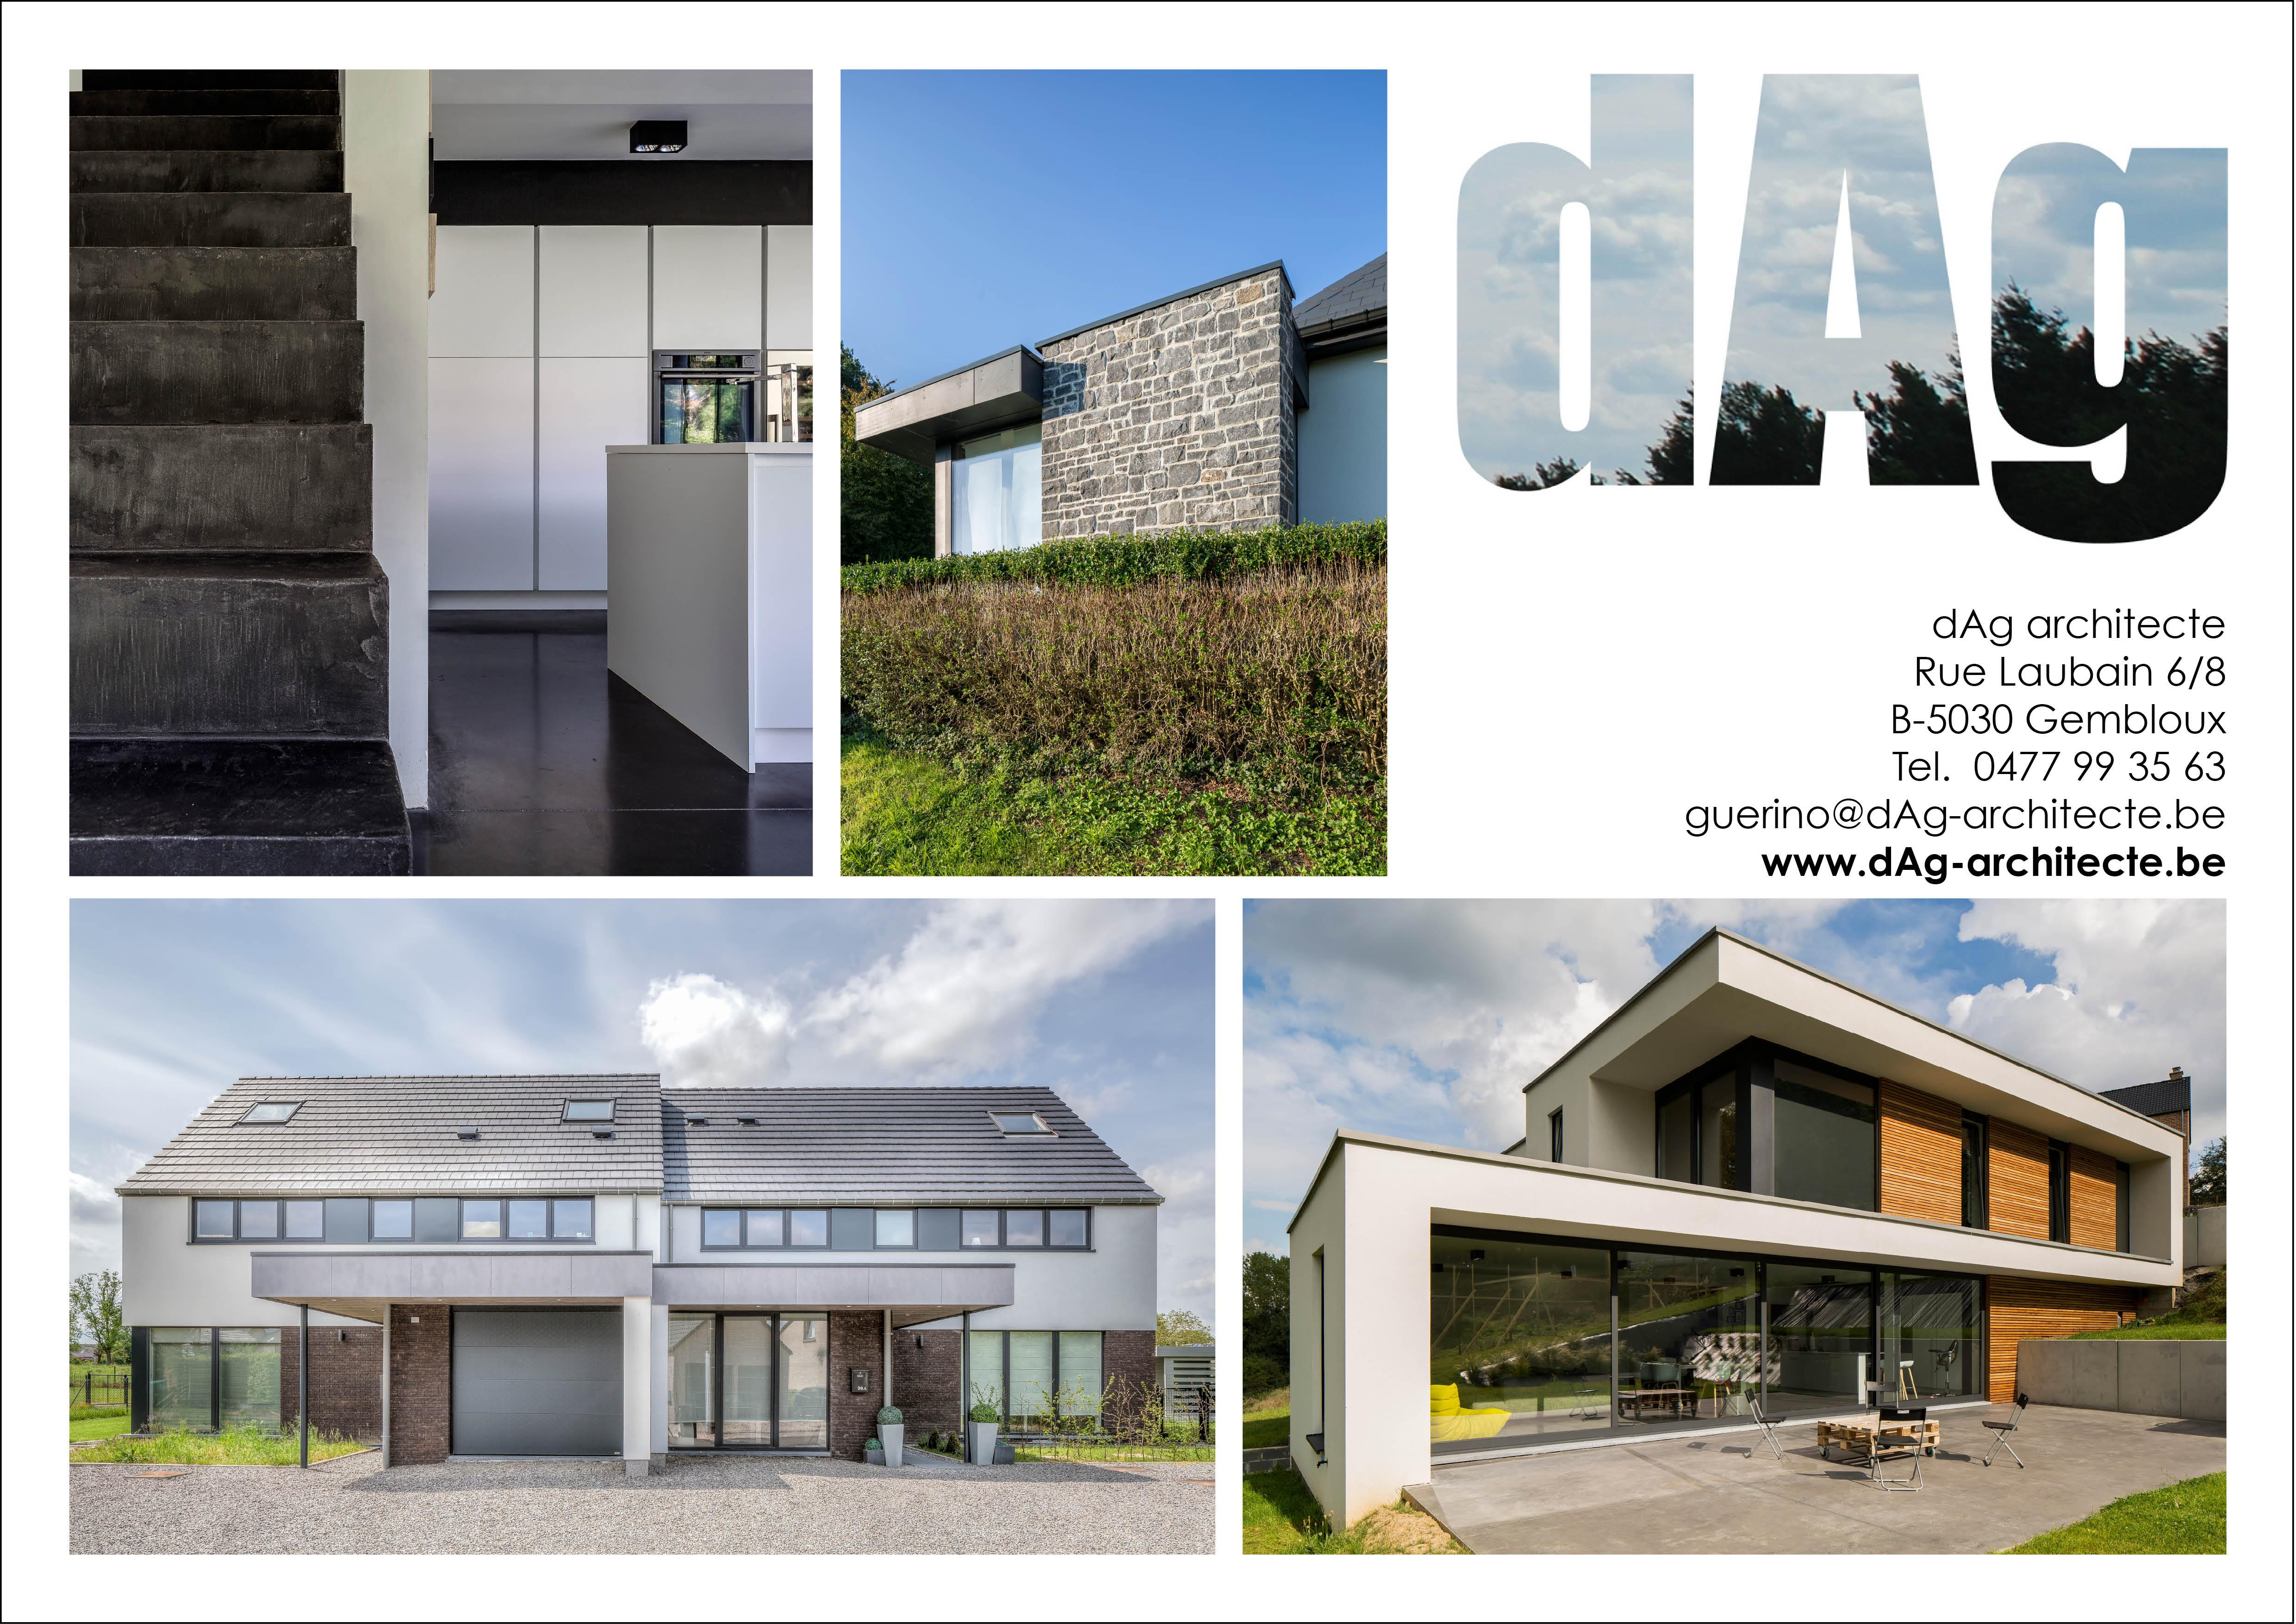 dAg architecte